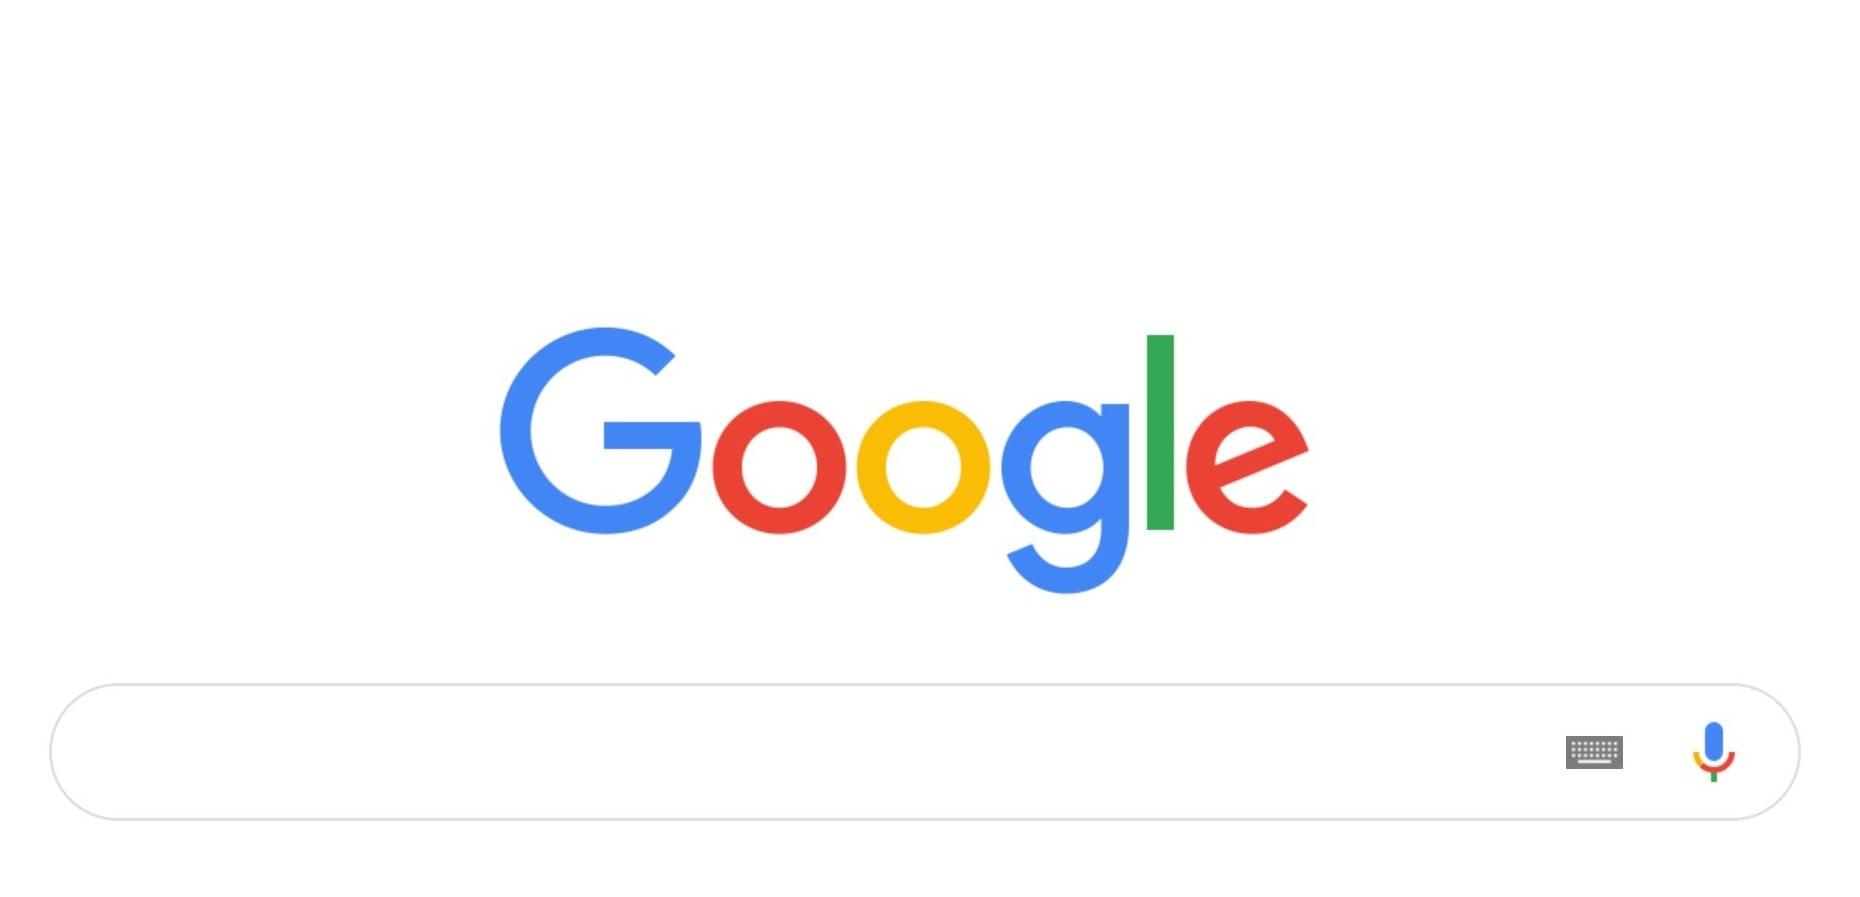 Wyszukiwarka Google na komputerach zmieniła się wizualnie, ale tylko troszeczkę